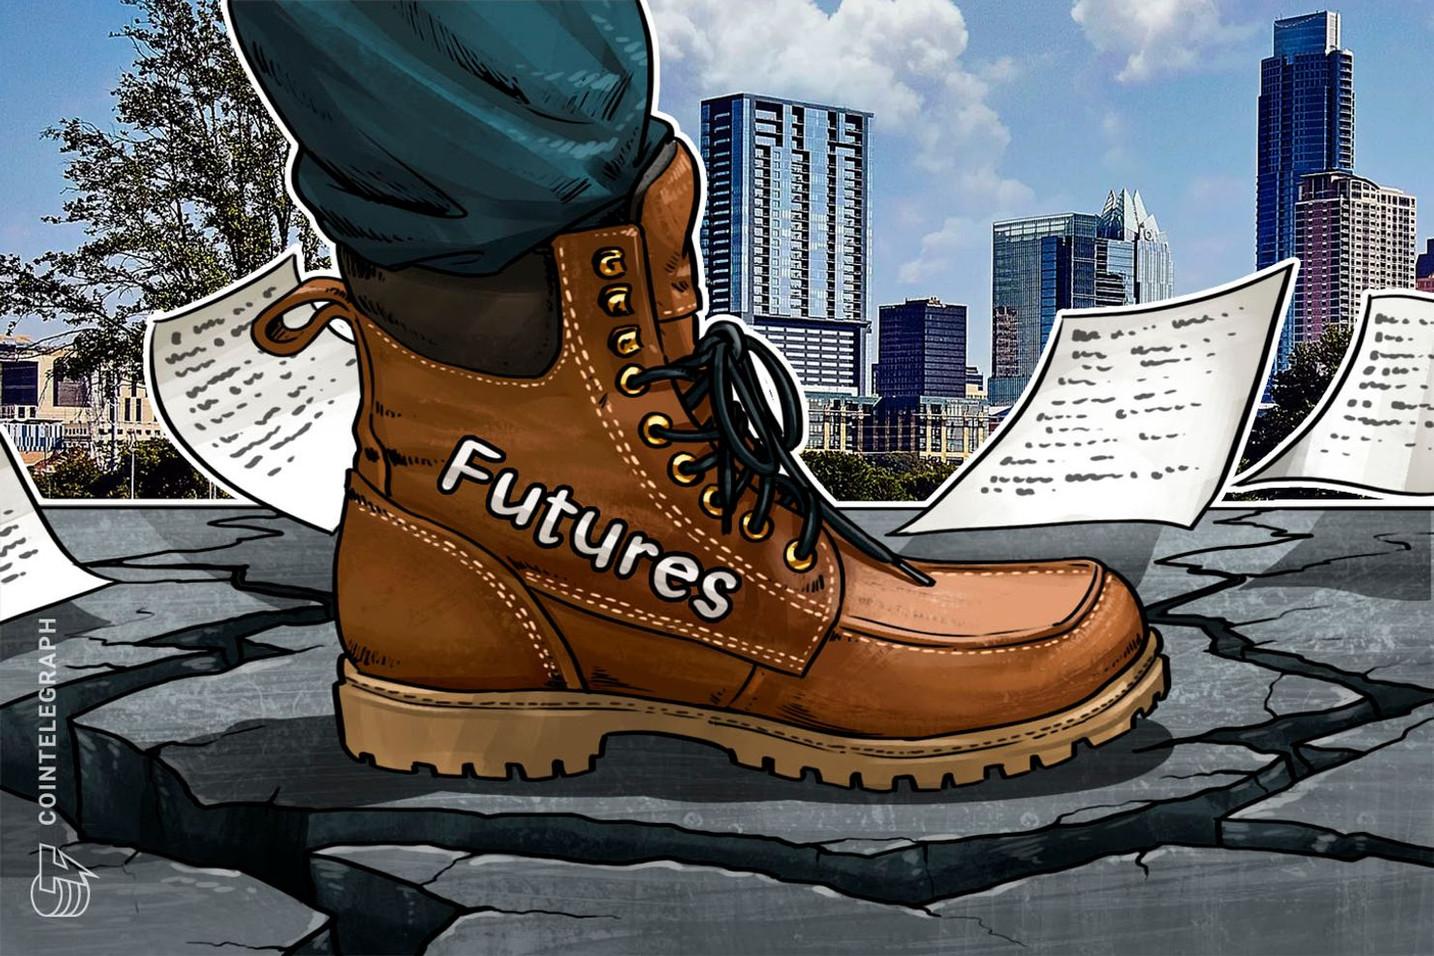 仮想通貨資産運用のレジャーX、現物受け渡しのビットコイン先物を計画